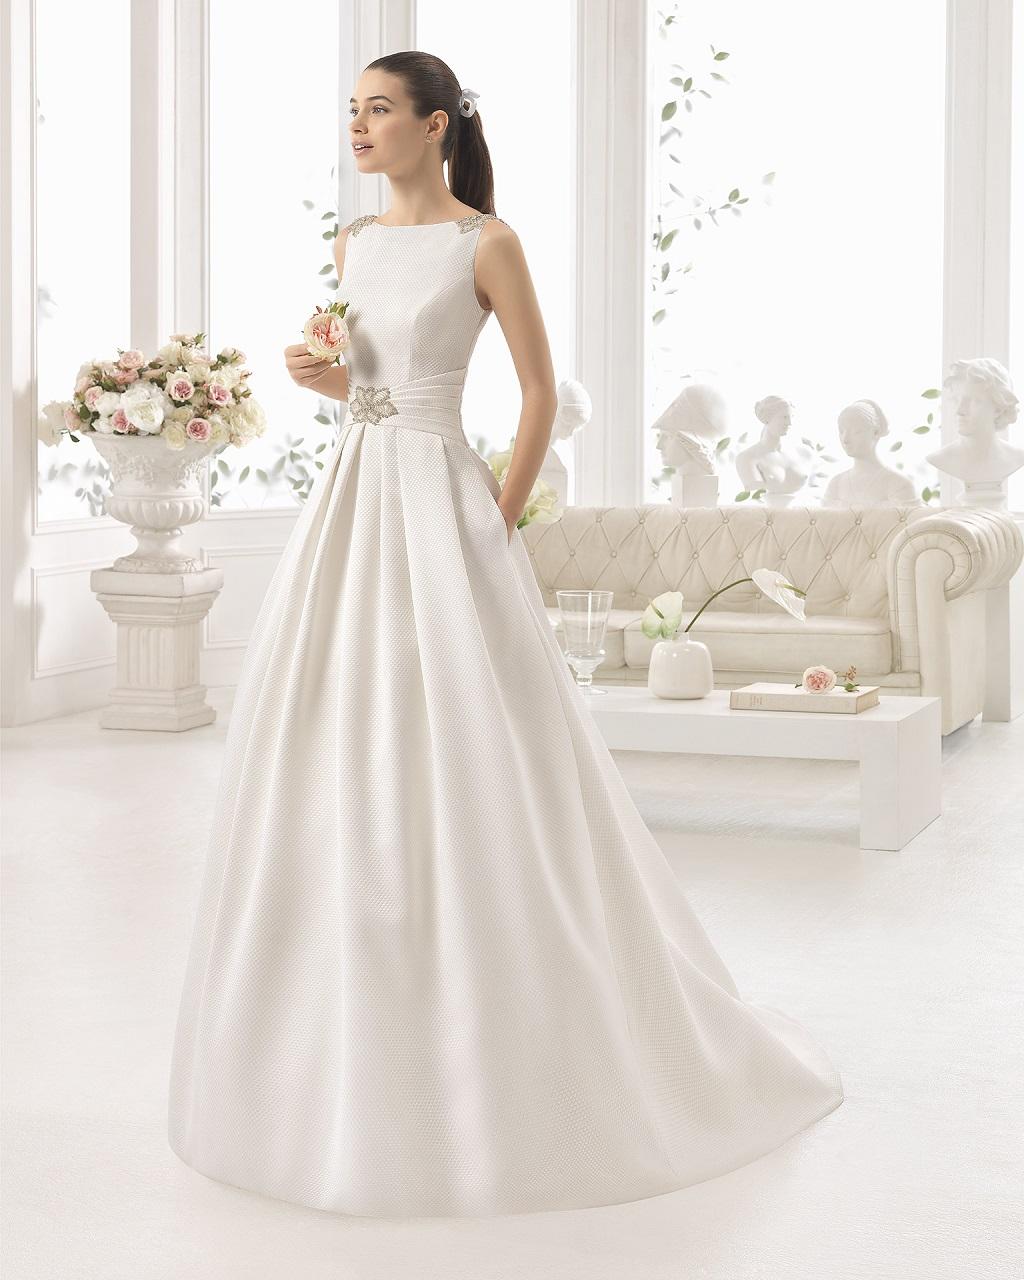 Fantastisch Baskische Brautkleid Galerie - Hochzeit Kleid Stile ...